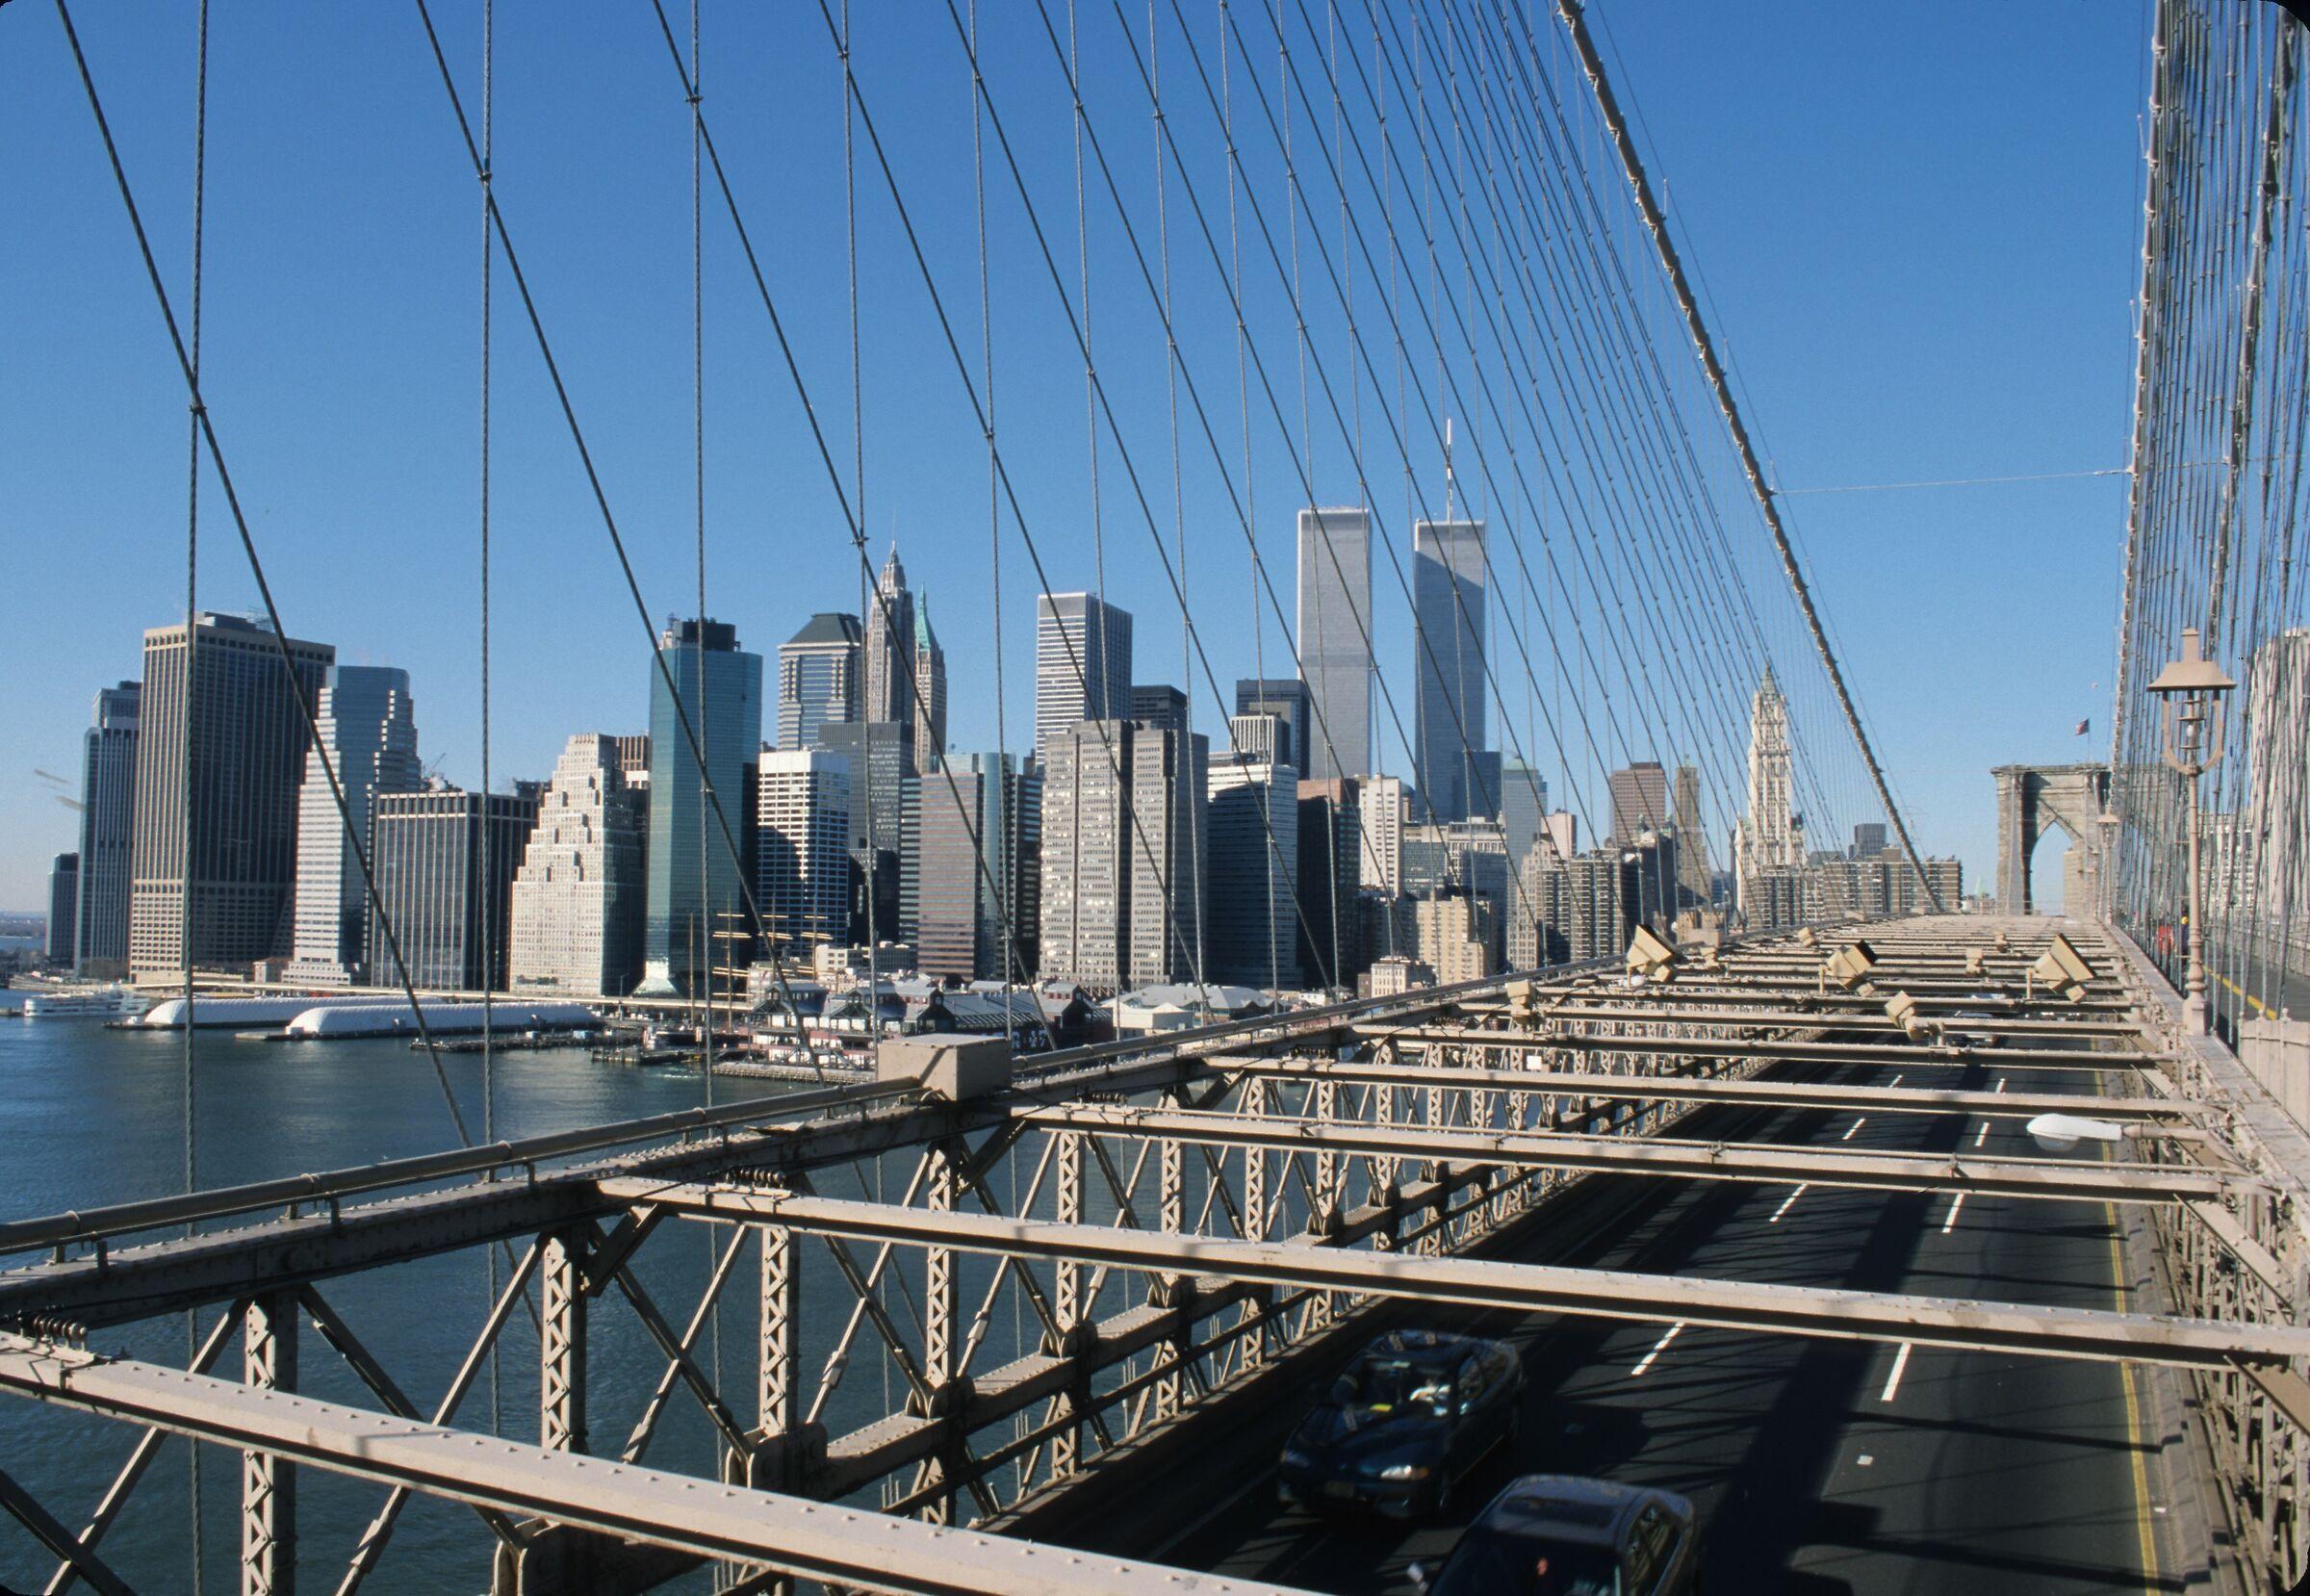 Brooklyn Bridge before 9/11/2001...